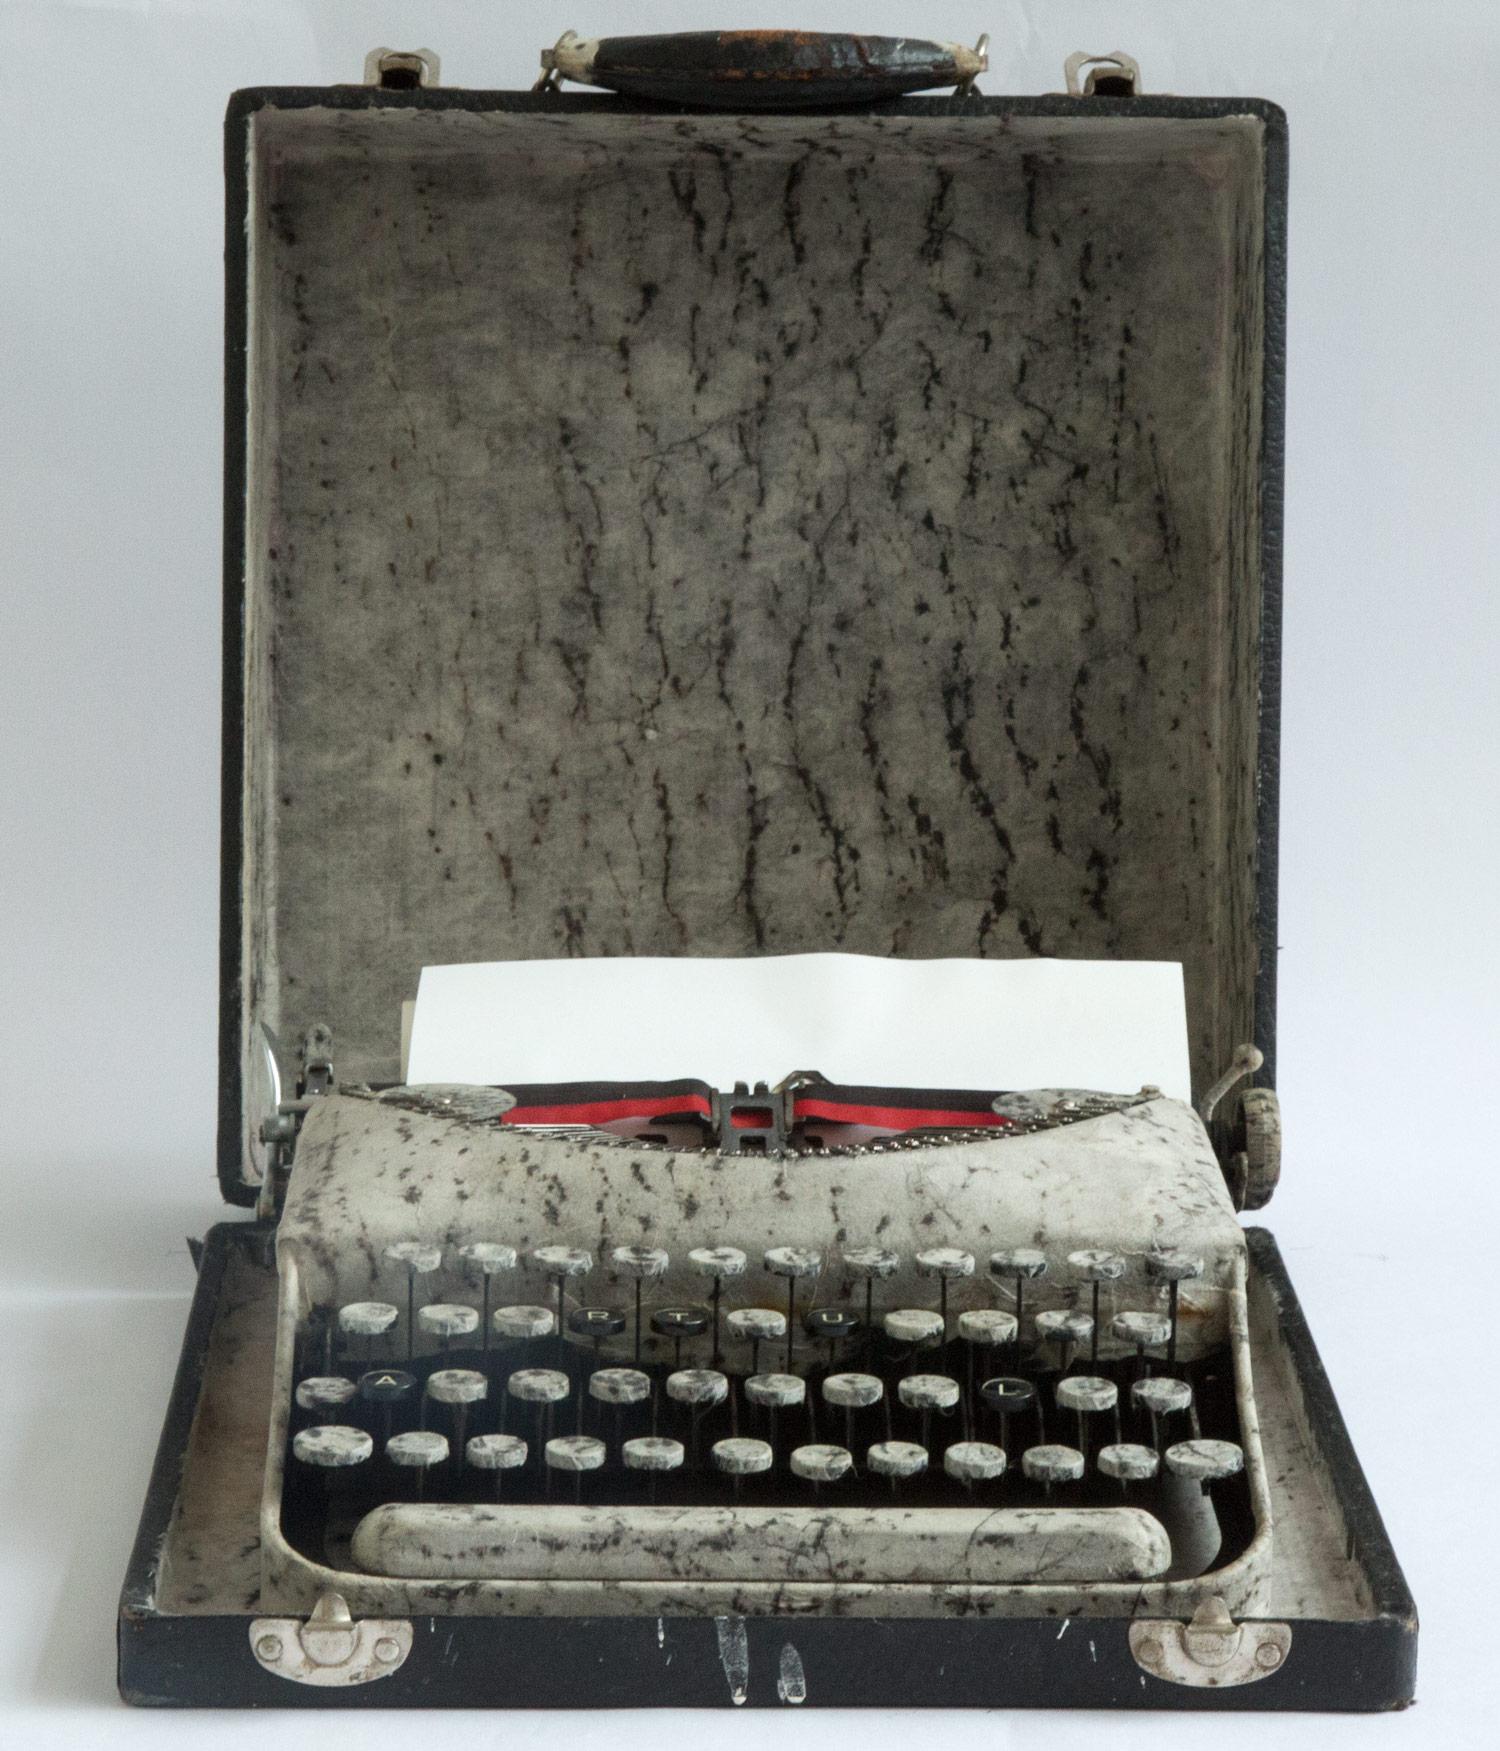 2001_typewriter_ultra.jpg